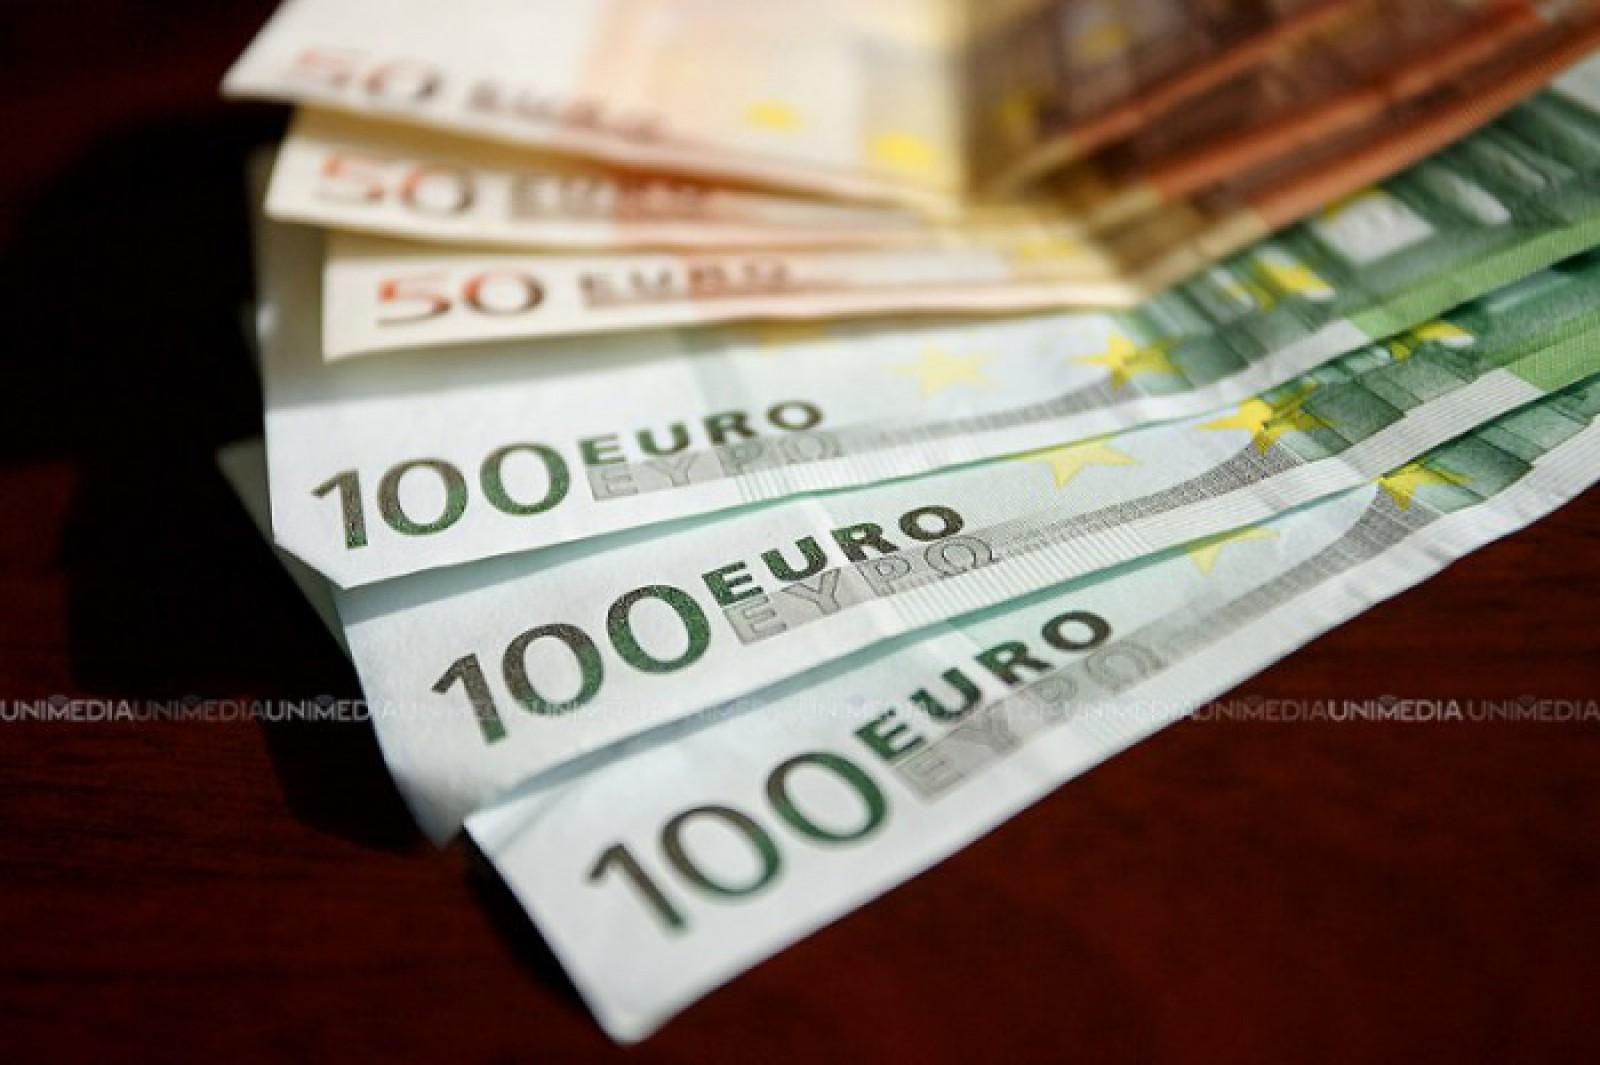 Cursul valutar stabilit de Banca Națională a Moldovei